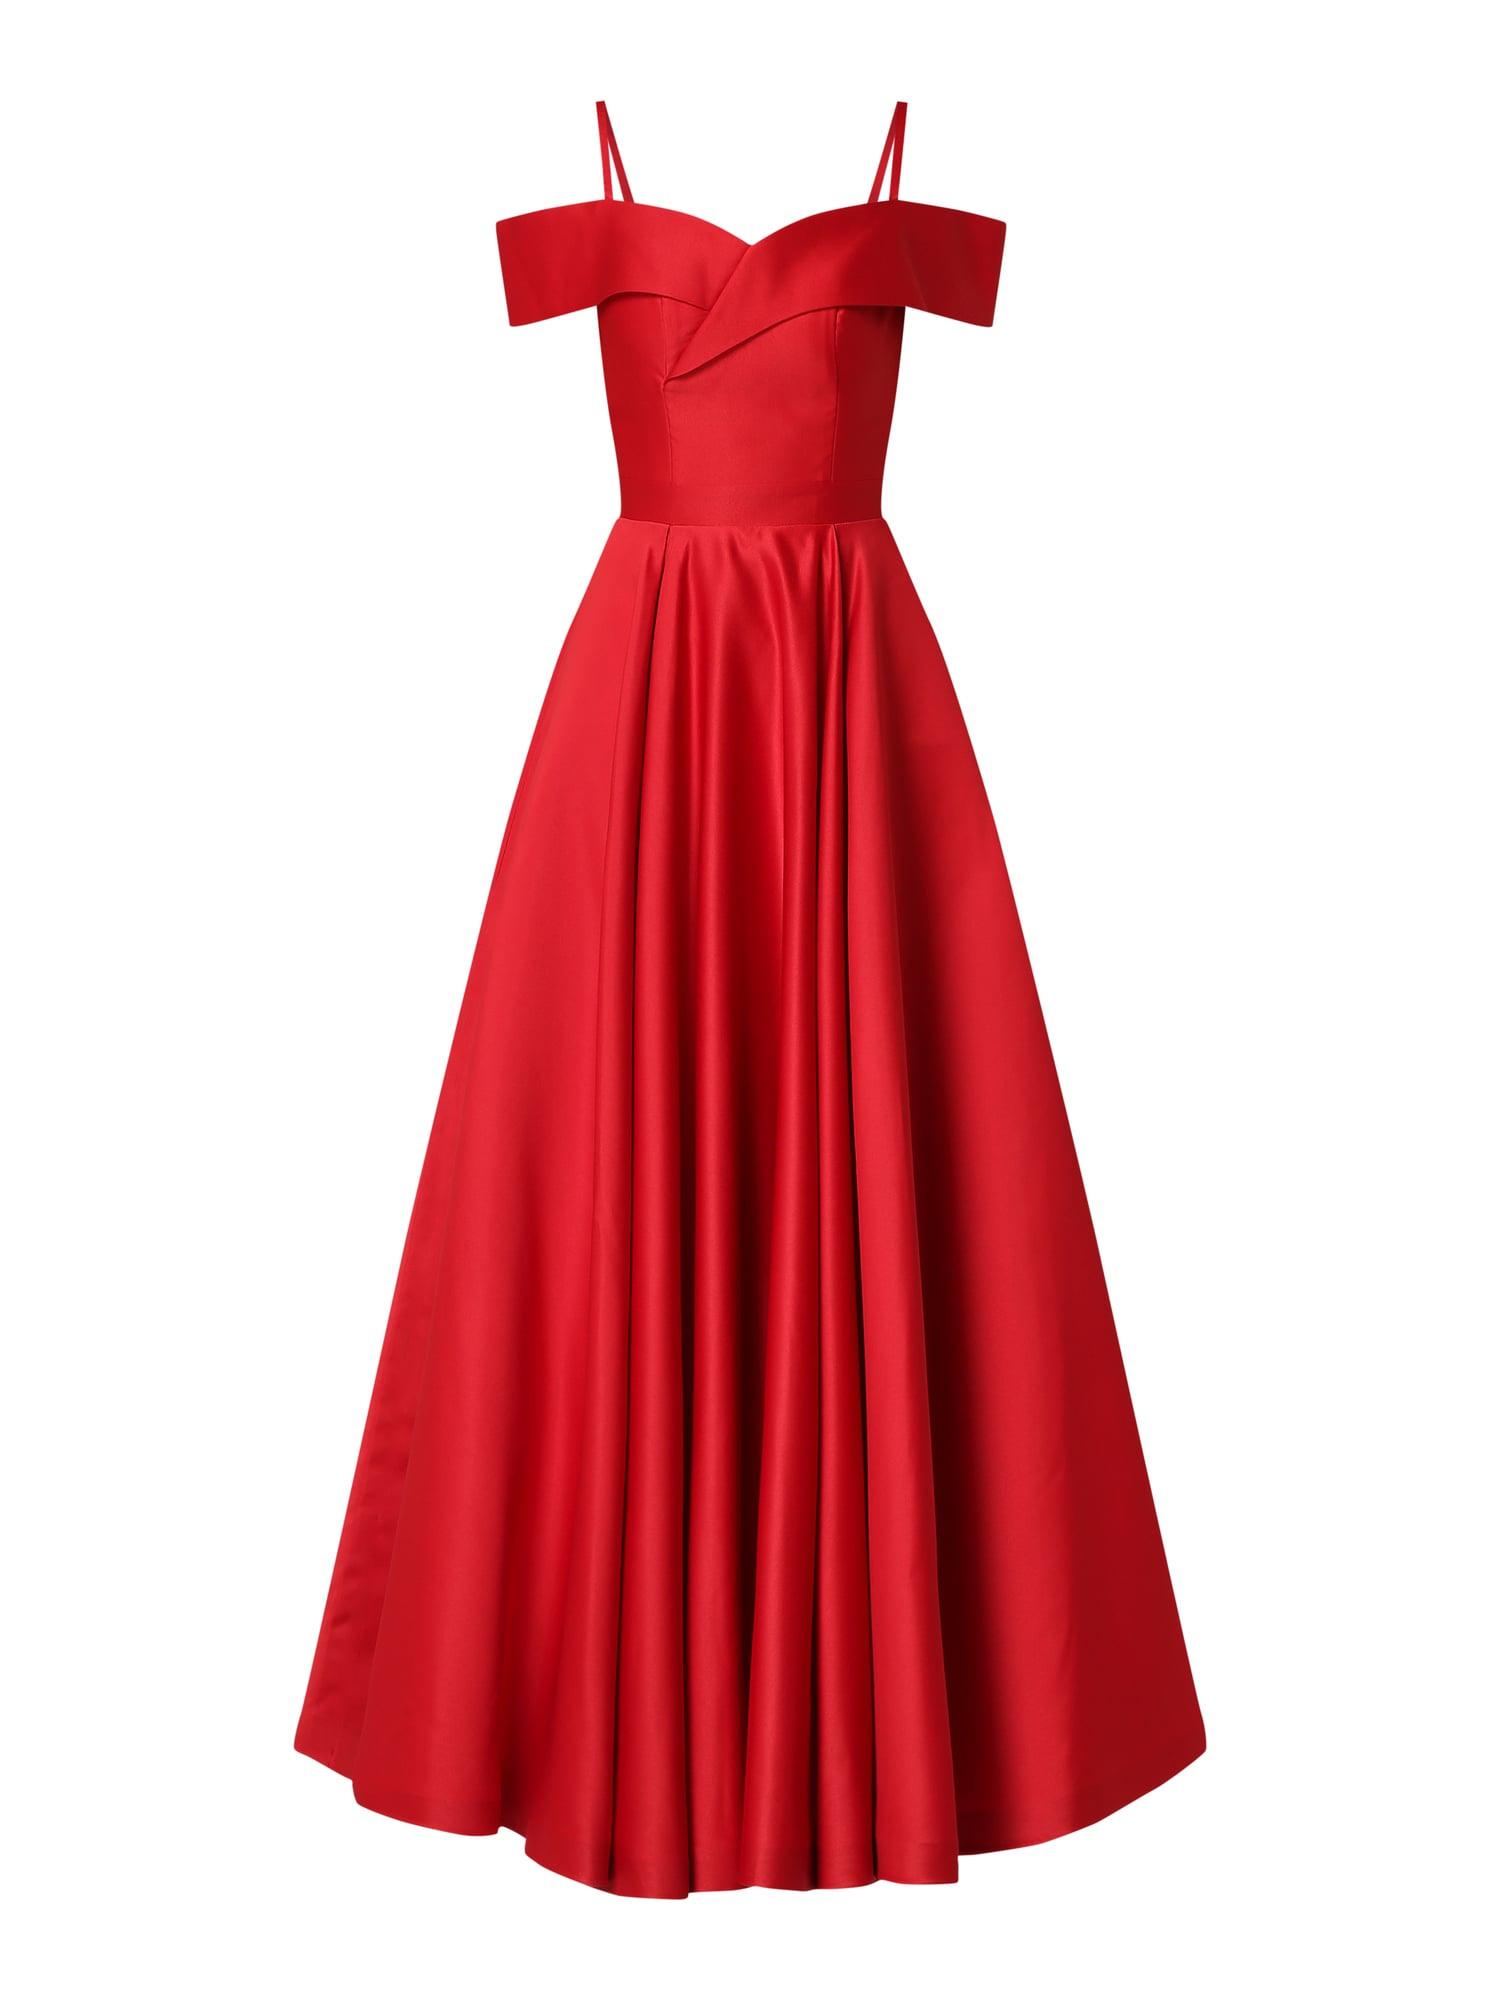 15 Top Rot Abend Kleid Ärmel15 Fantastisch Rot Abend Kleid für 2019